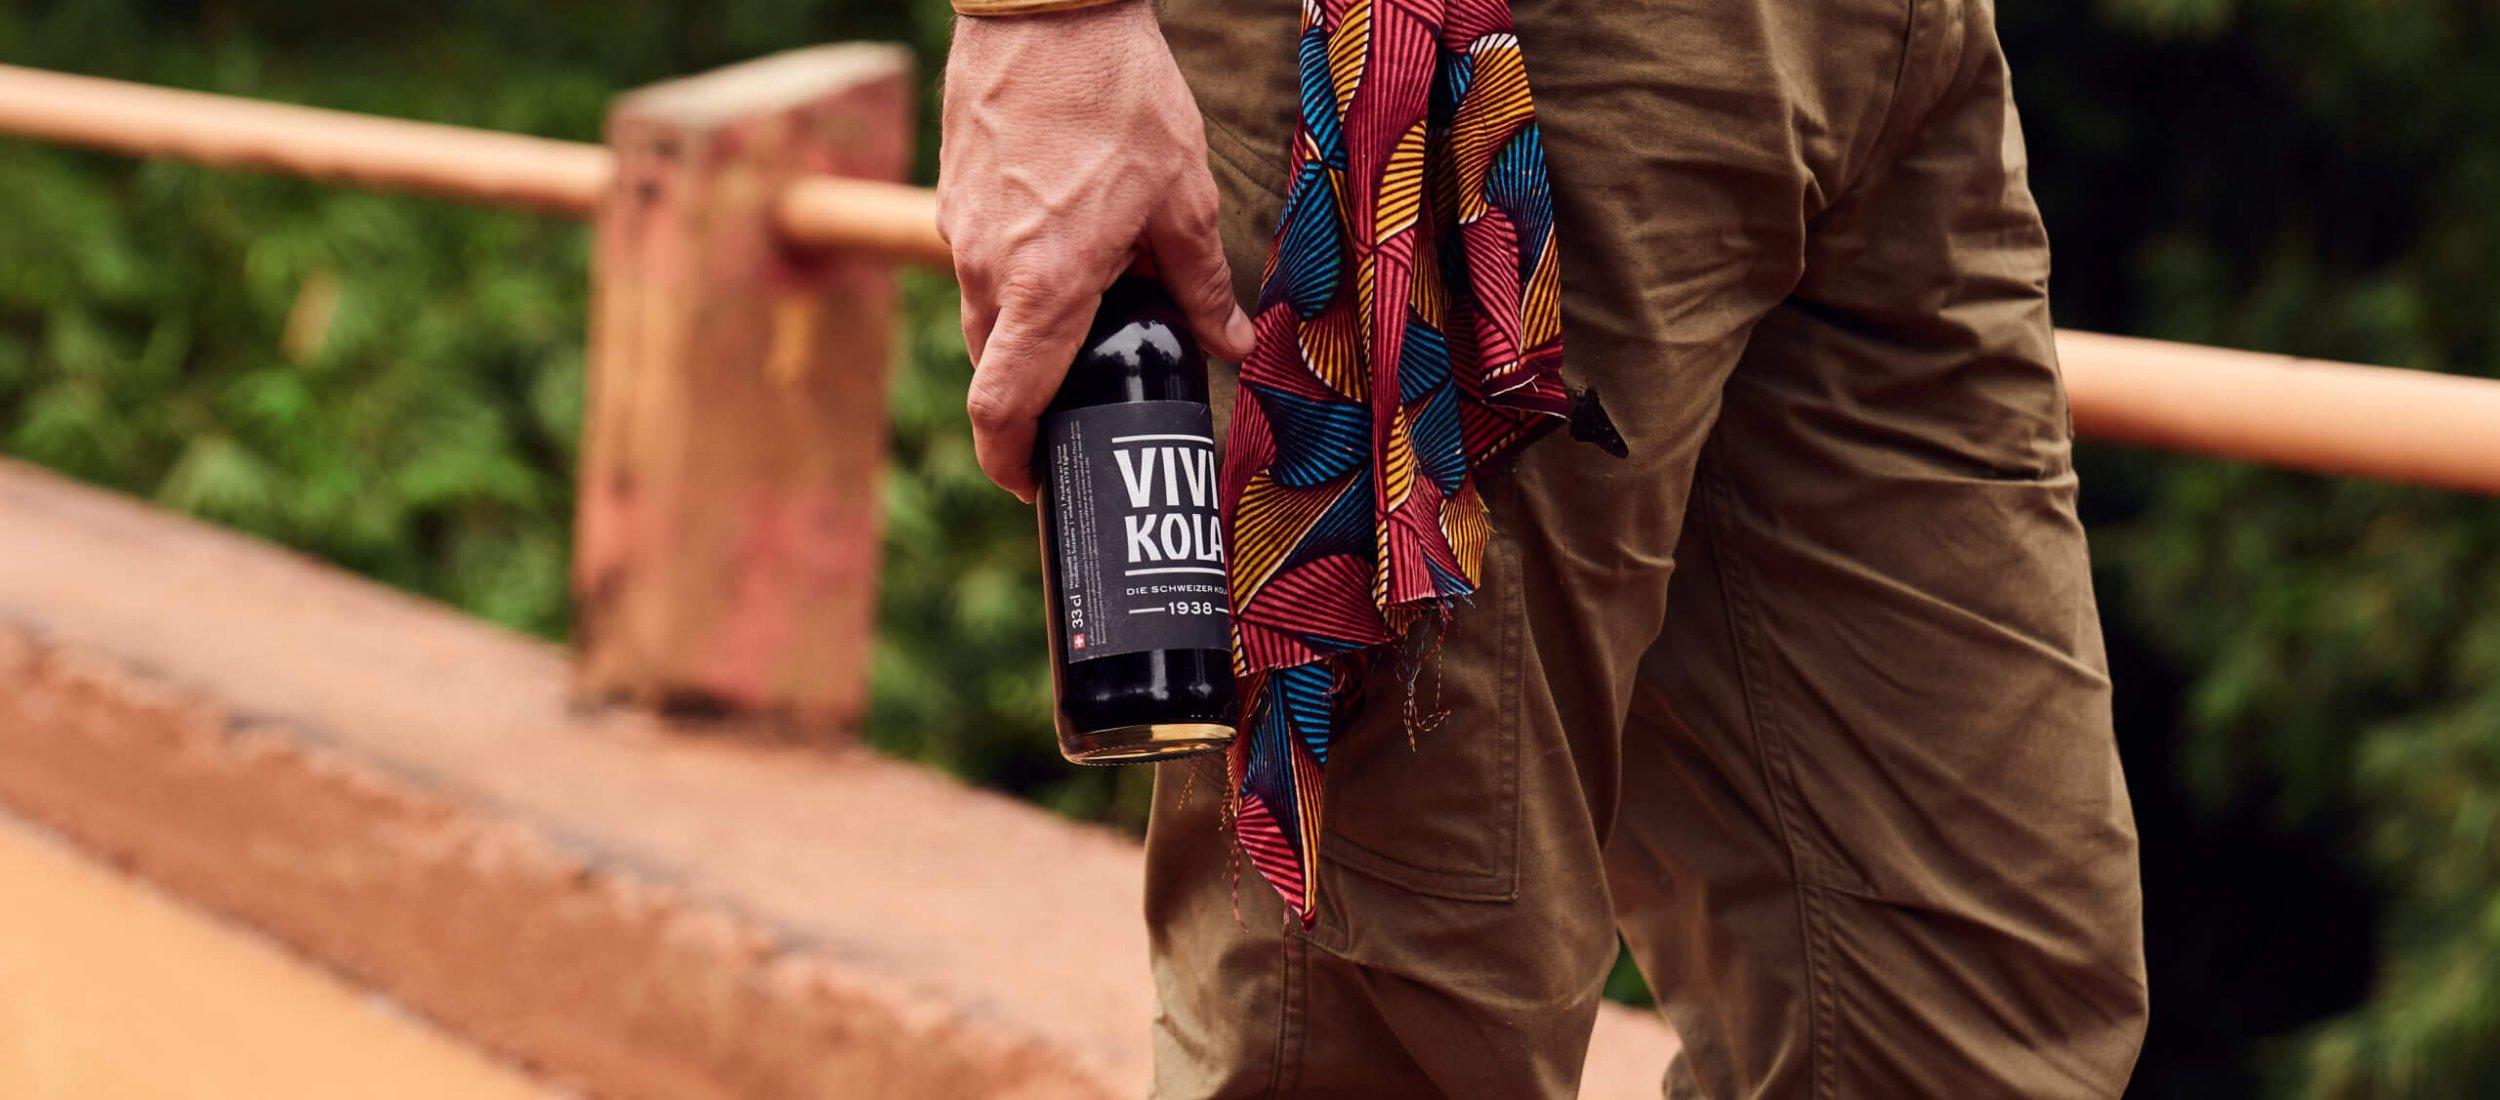 Vivi Kola bottle in Cameroon